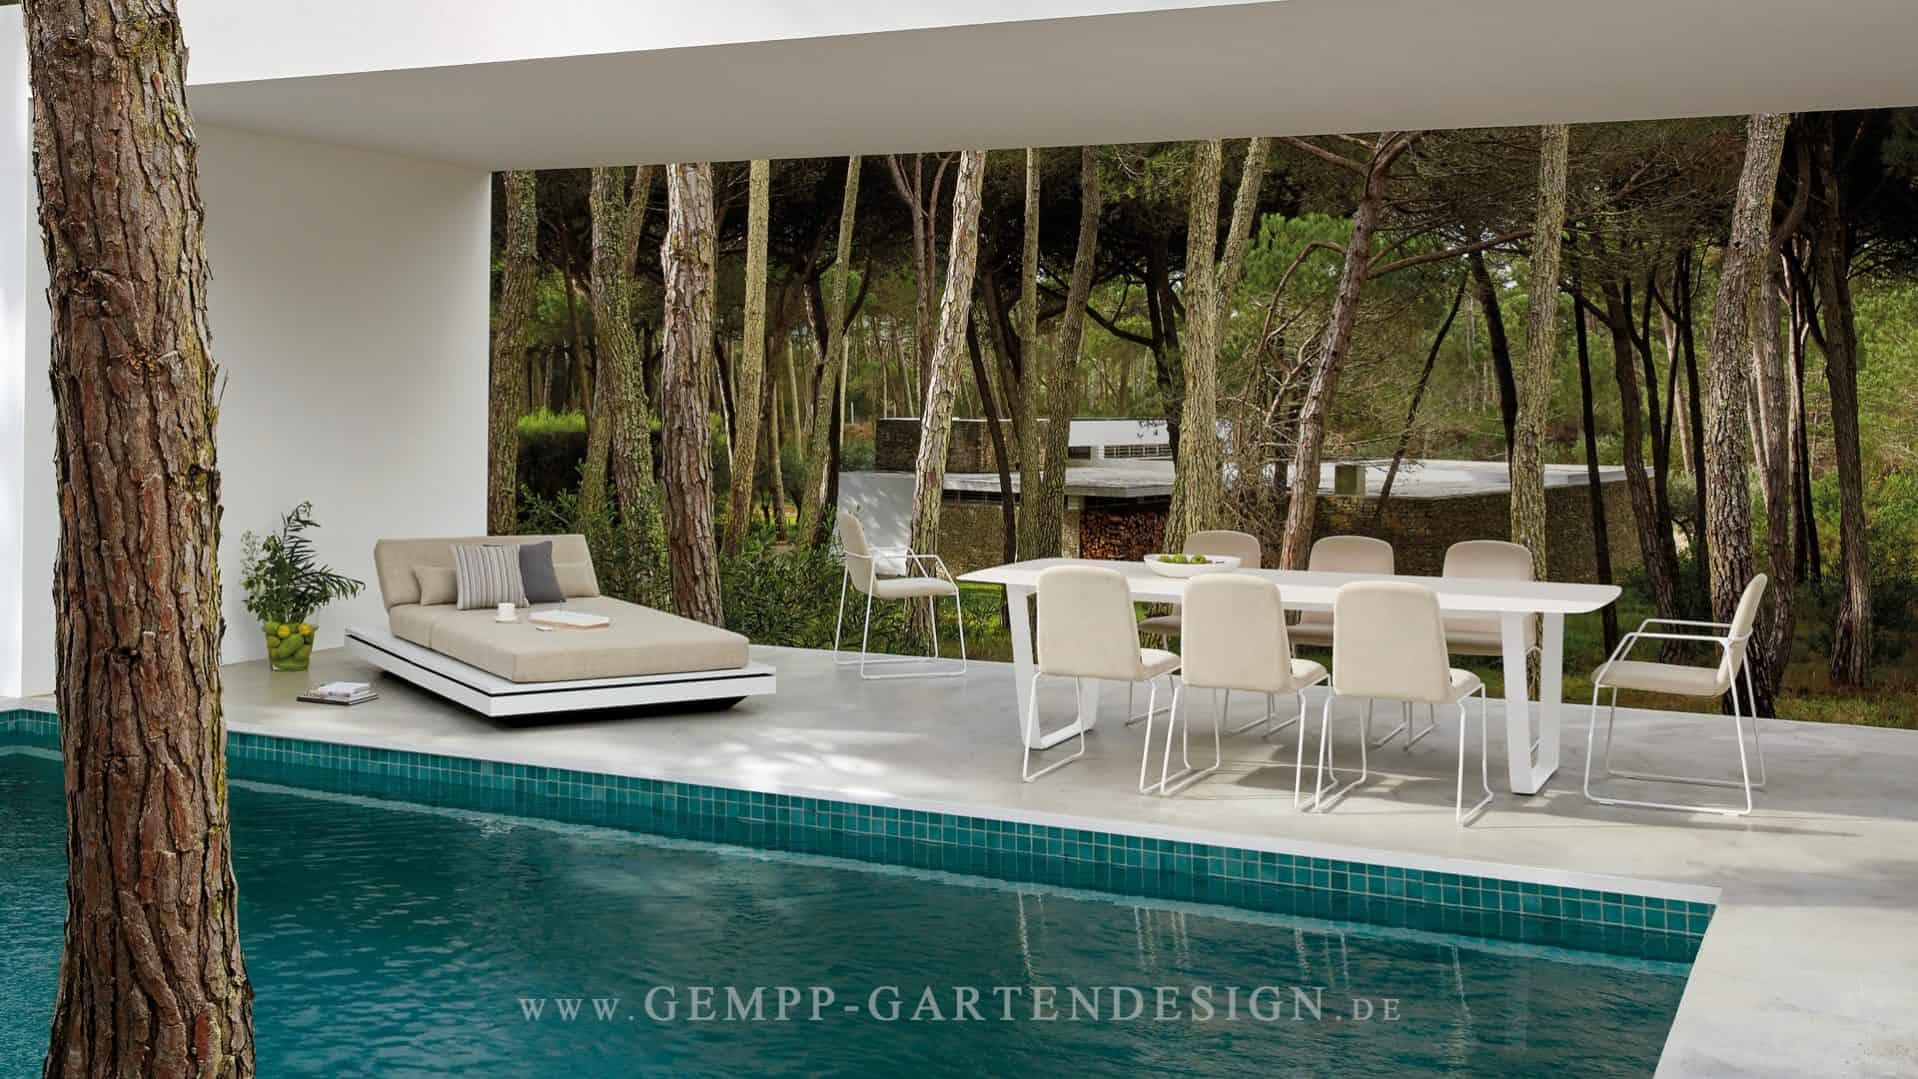 Full Size of Modern Loungemöbel Outdoor Gartenmbel Gempp Gartendesign Designmbel Küche Kaufen Deckenleuchte Schlafzimmer Tapete Deckenlampen Wohnzimmer Bett Design Wohnzimmer Modern Loungemöbel Outdoor